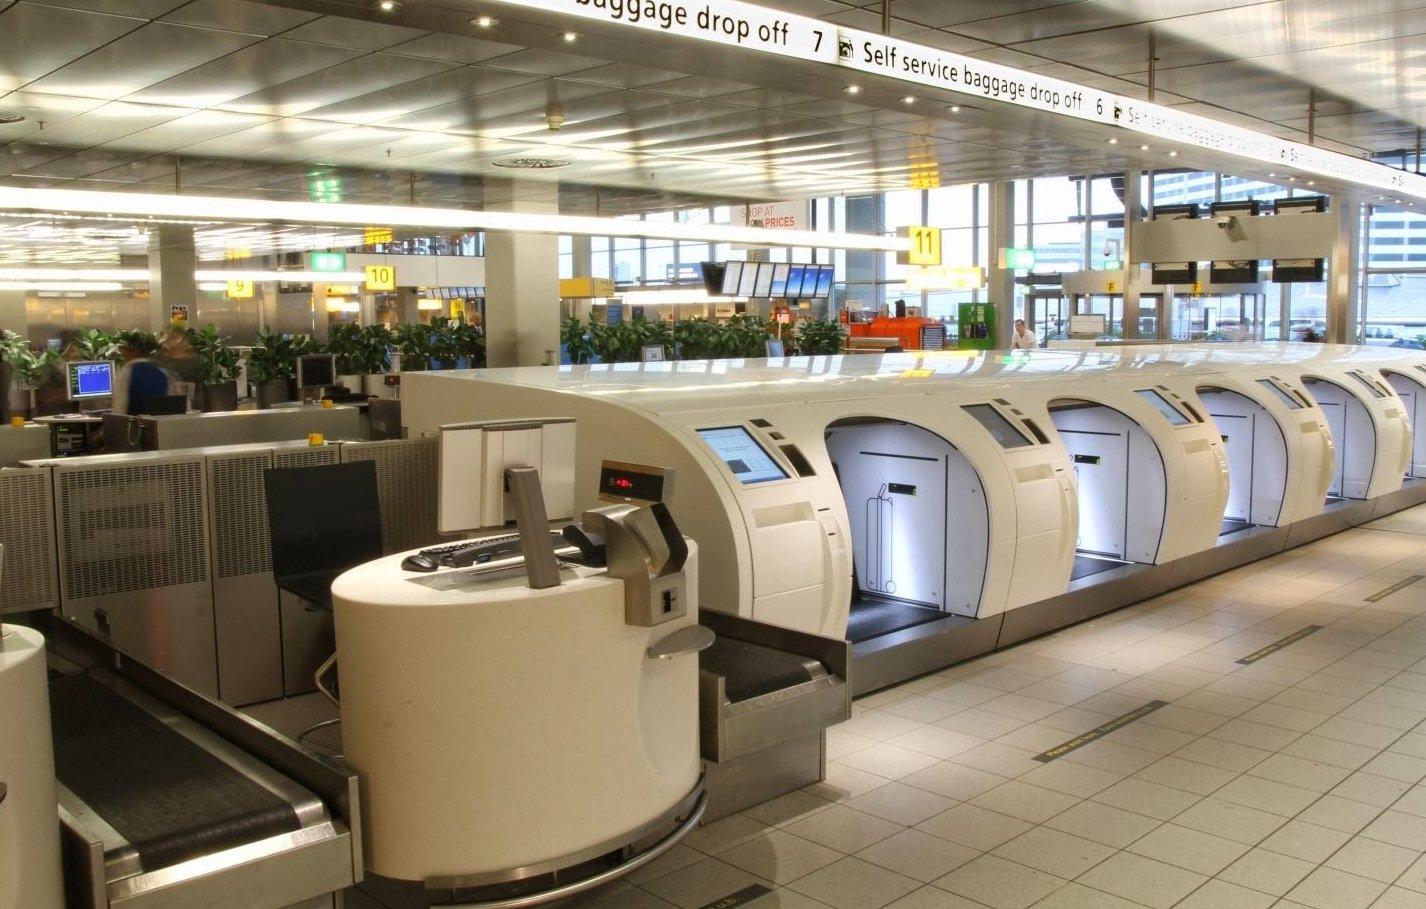 Система Drop-off в аэропорту